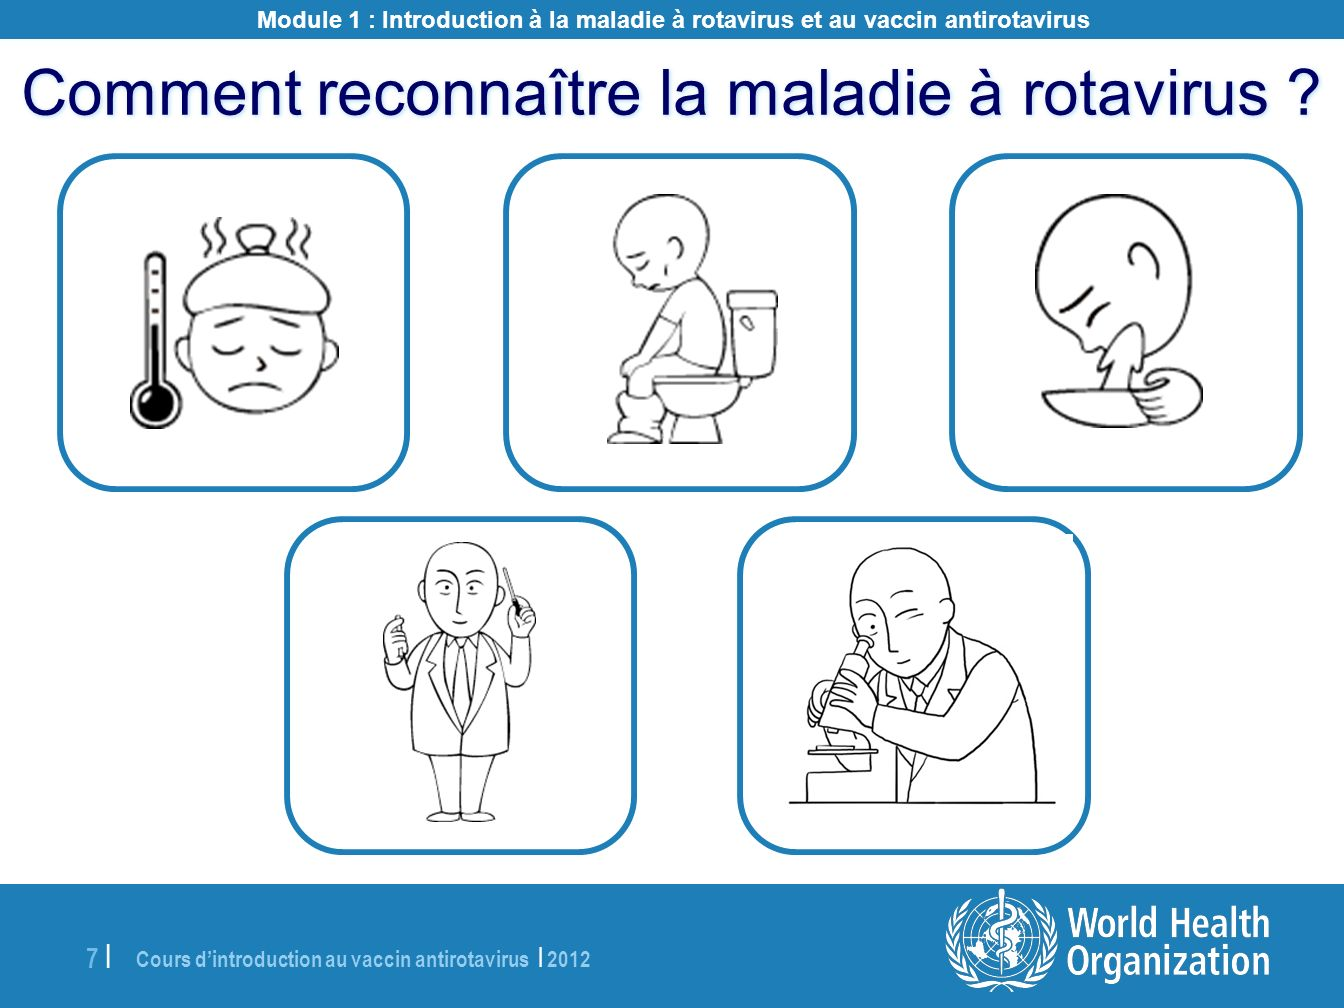 Cours dintroduction au vaccin antirotavirus | 2012 38 | À lattention de lanimateur : Lisez la situation aux participants et laissez-les en discuter.